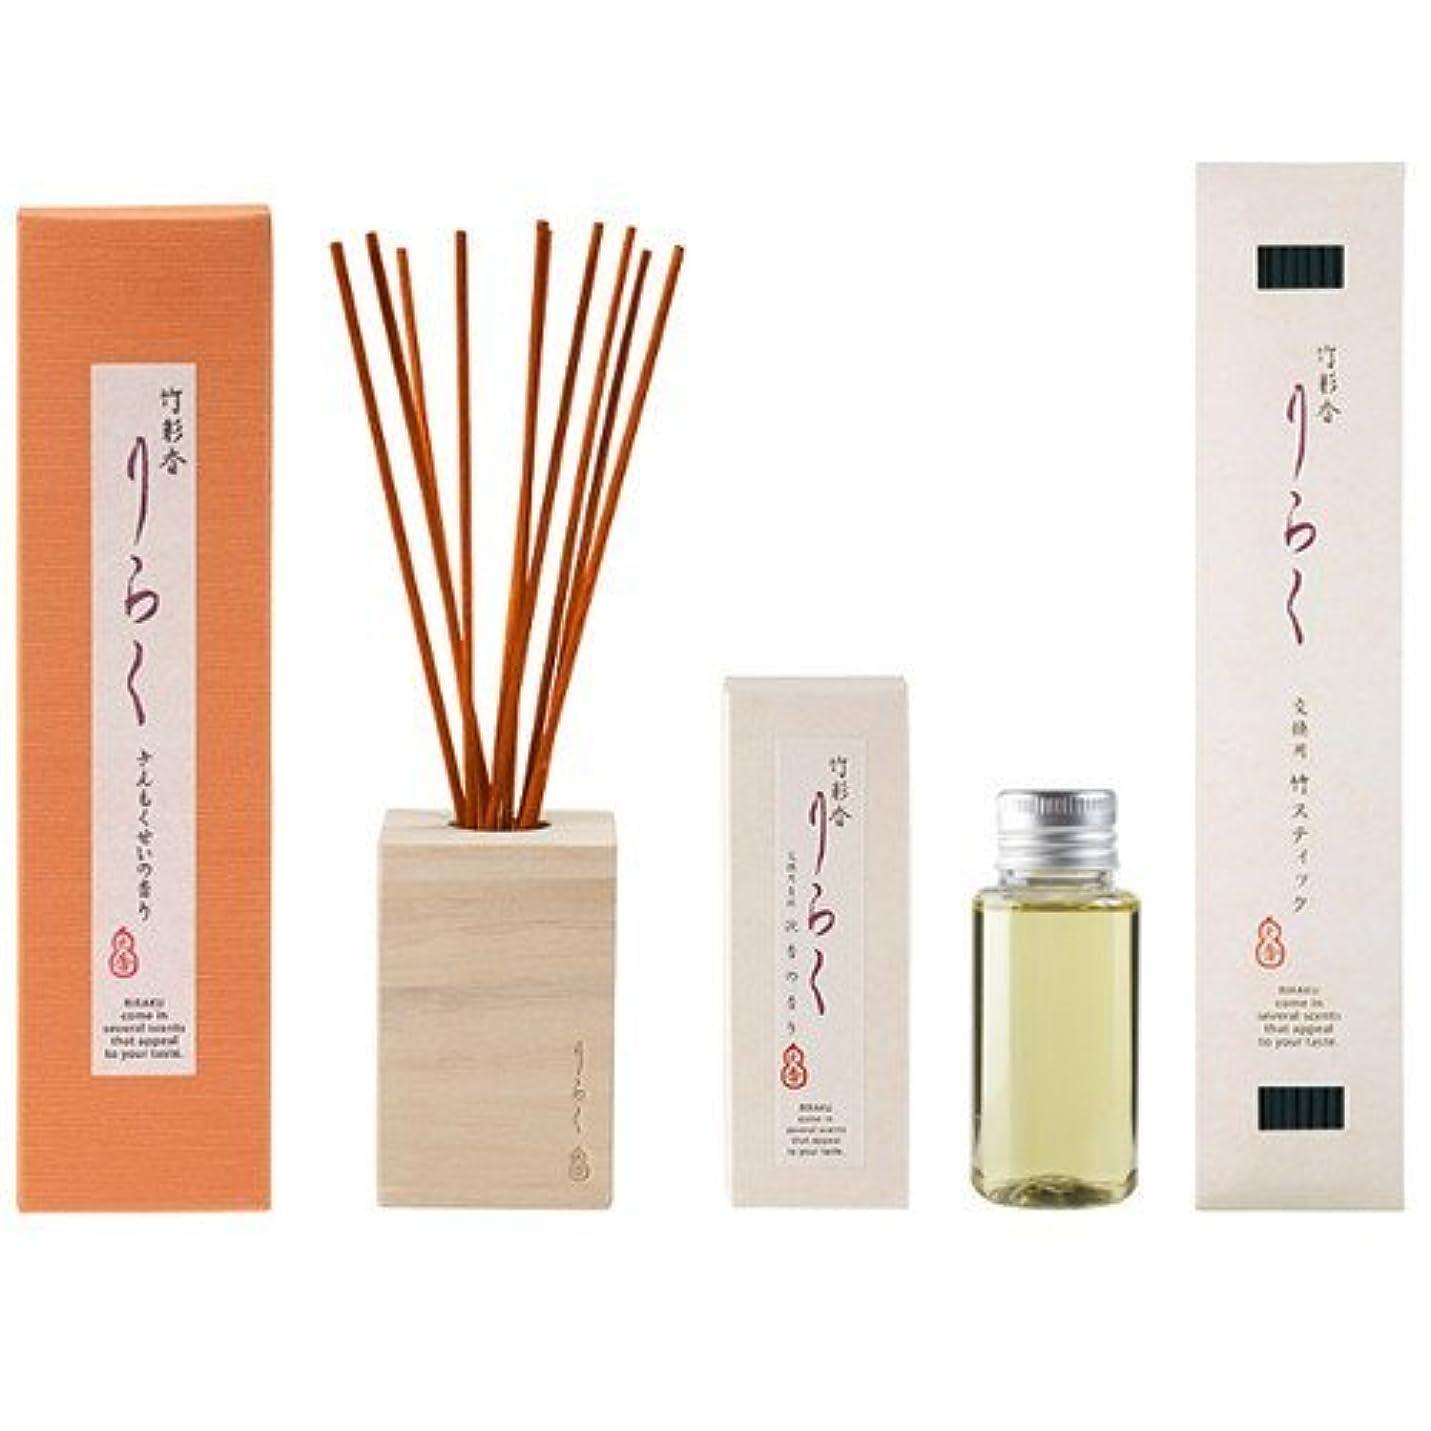 熟達したクーポンオープニング大香 竹彩香 りらく きんもくせい 50ml と 交換用 きんもくせい、交換用竹スティック きんもくせいの色 セット